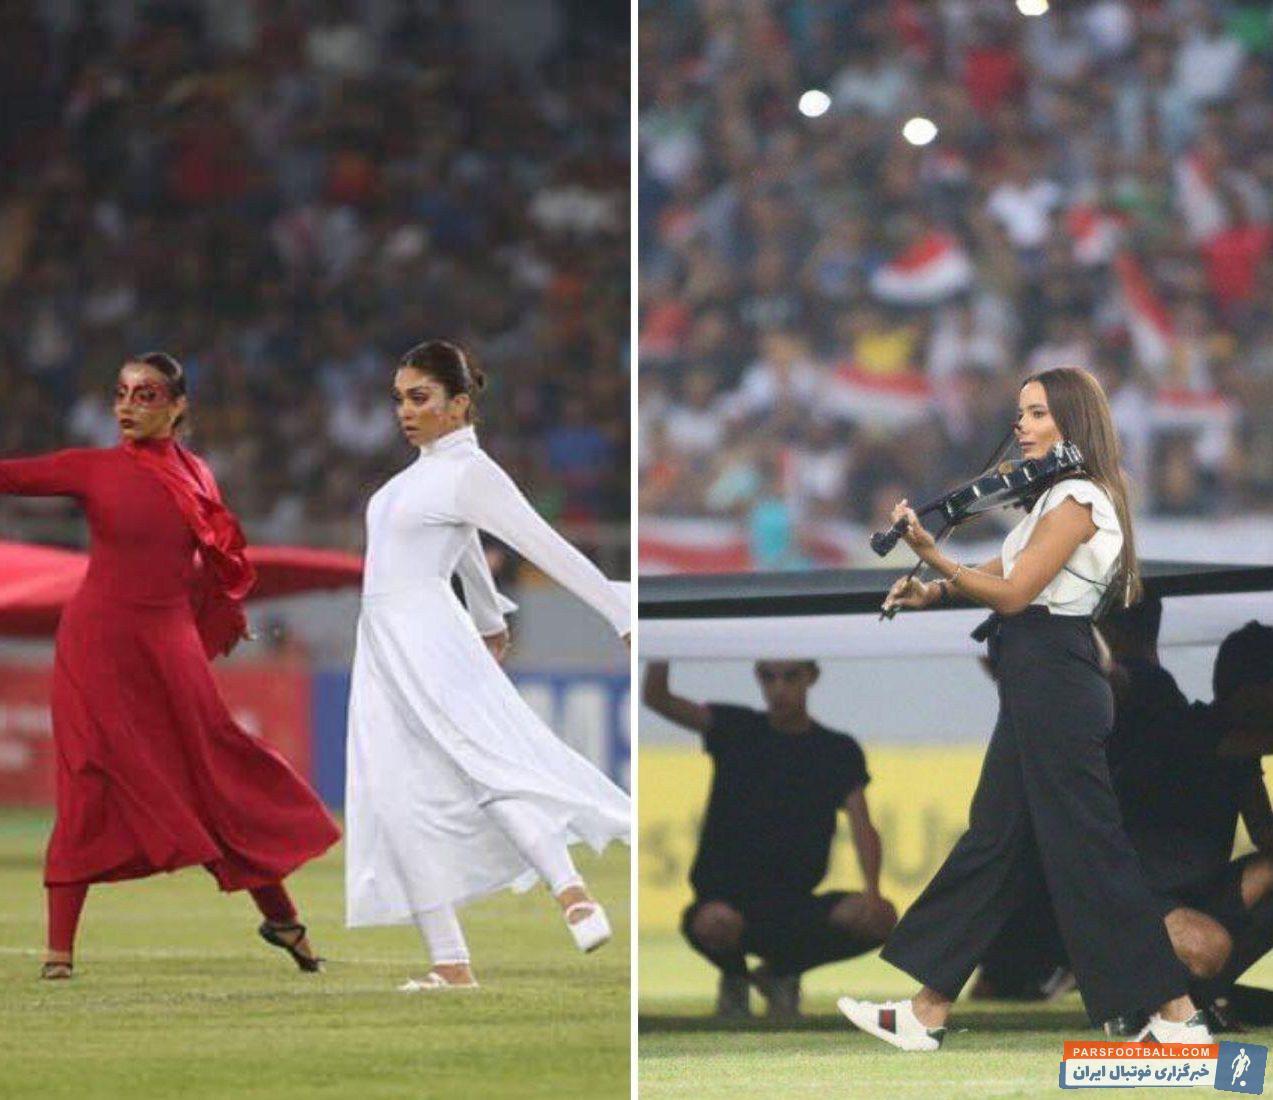 تصویری از رقص و آواز زنان عراقی در مراسم افتتاحیه مسابقات فوتبال جام باشگاههای غرب آسیا در ورزشگاه کربلا